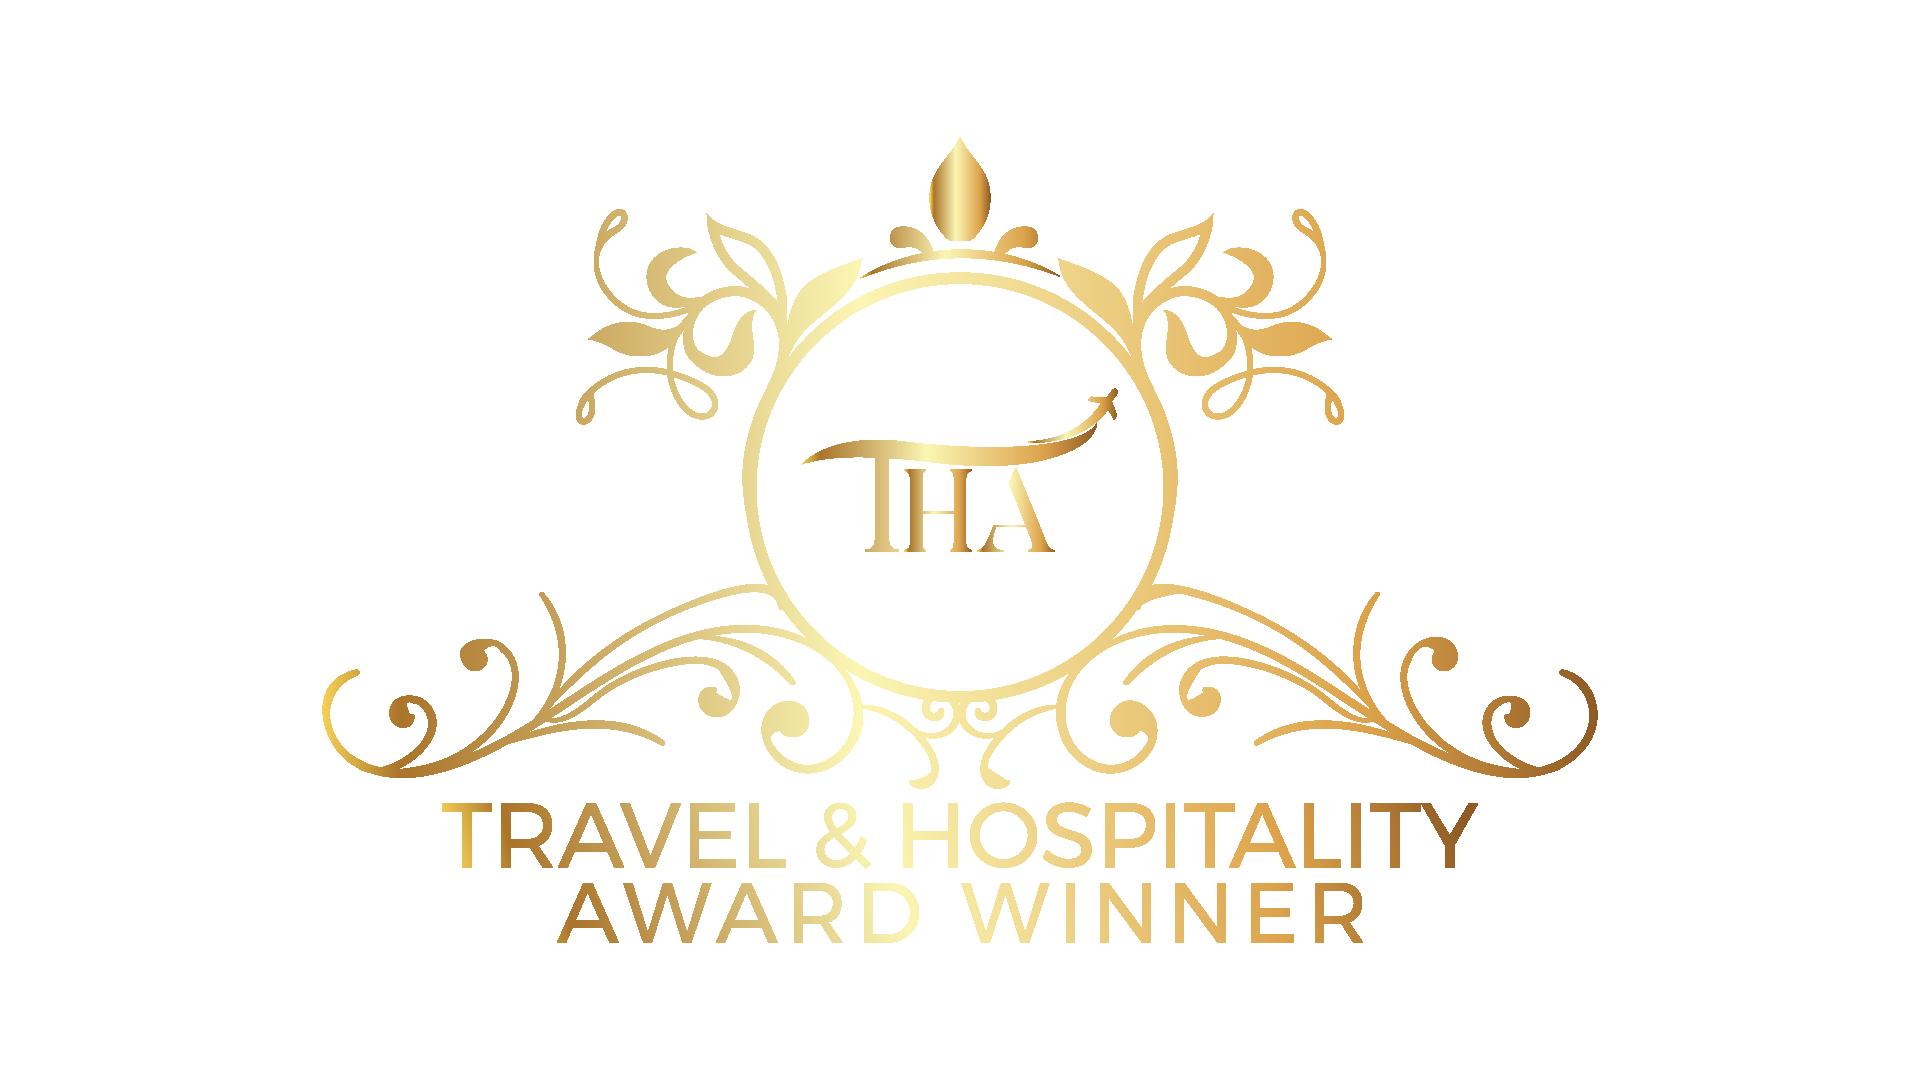 Travel & Hospitality Award Winner Logo